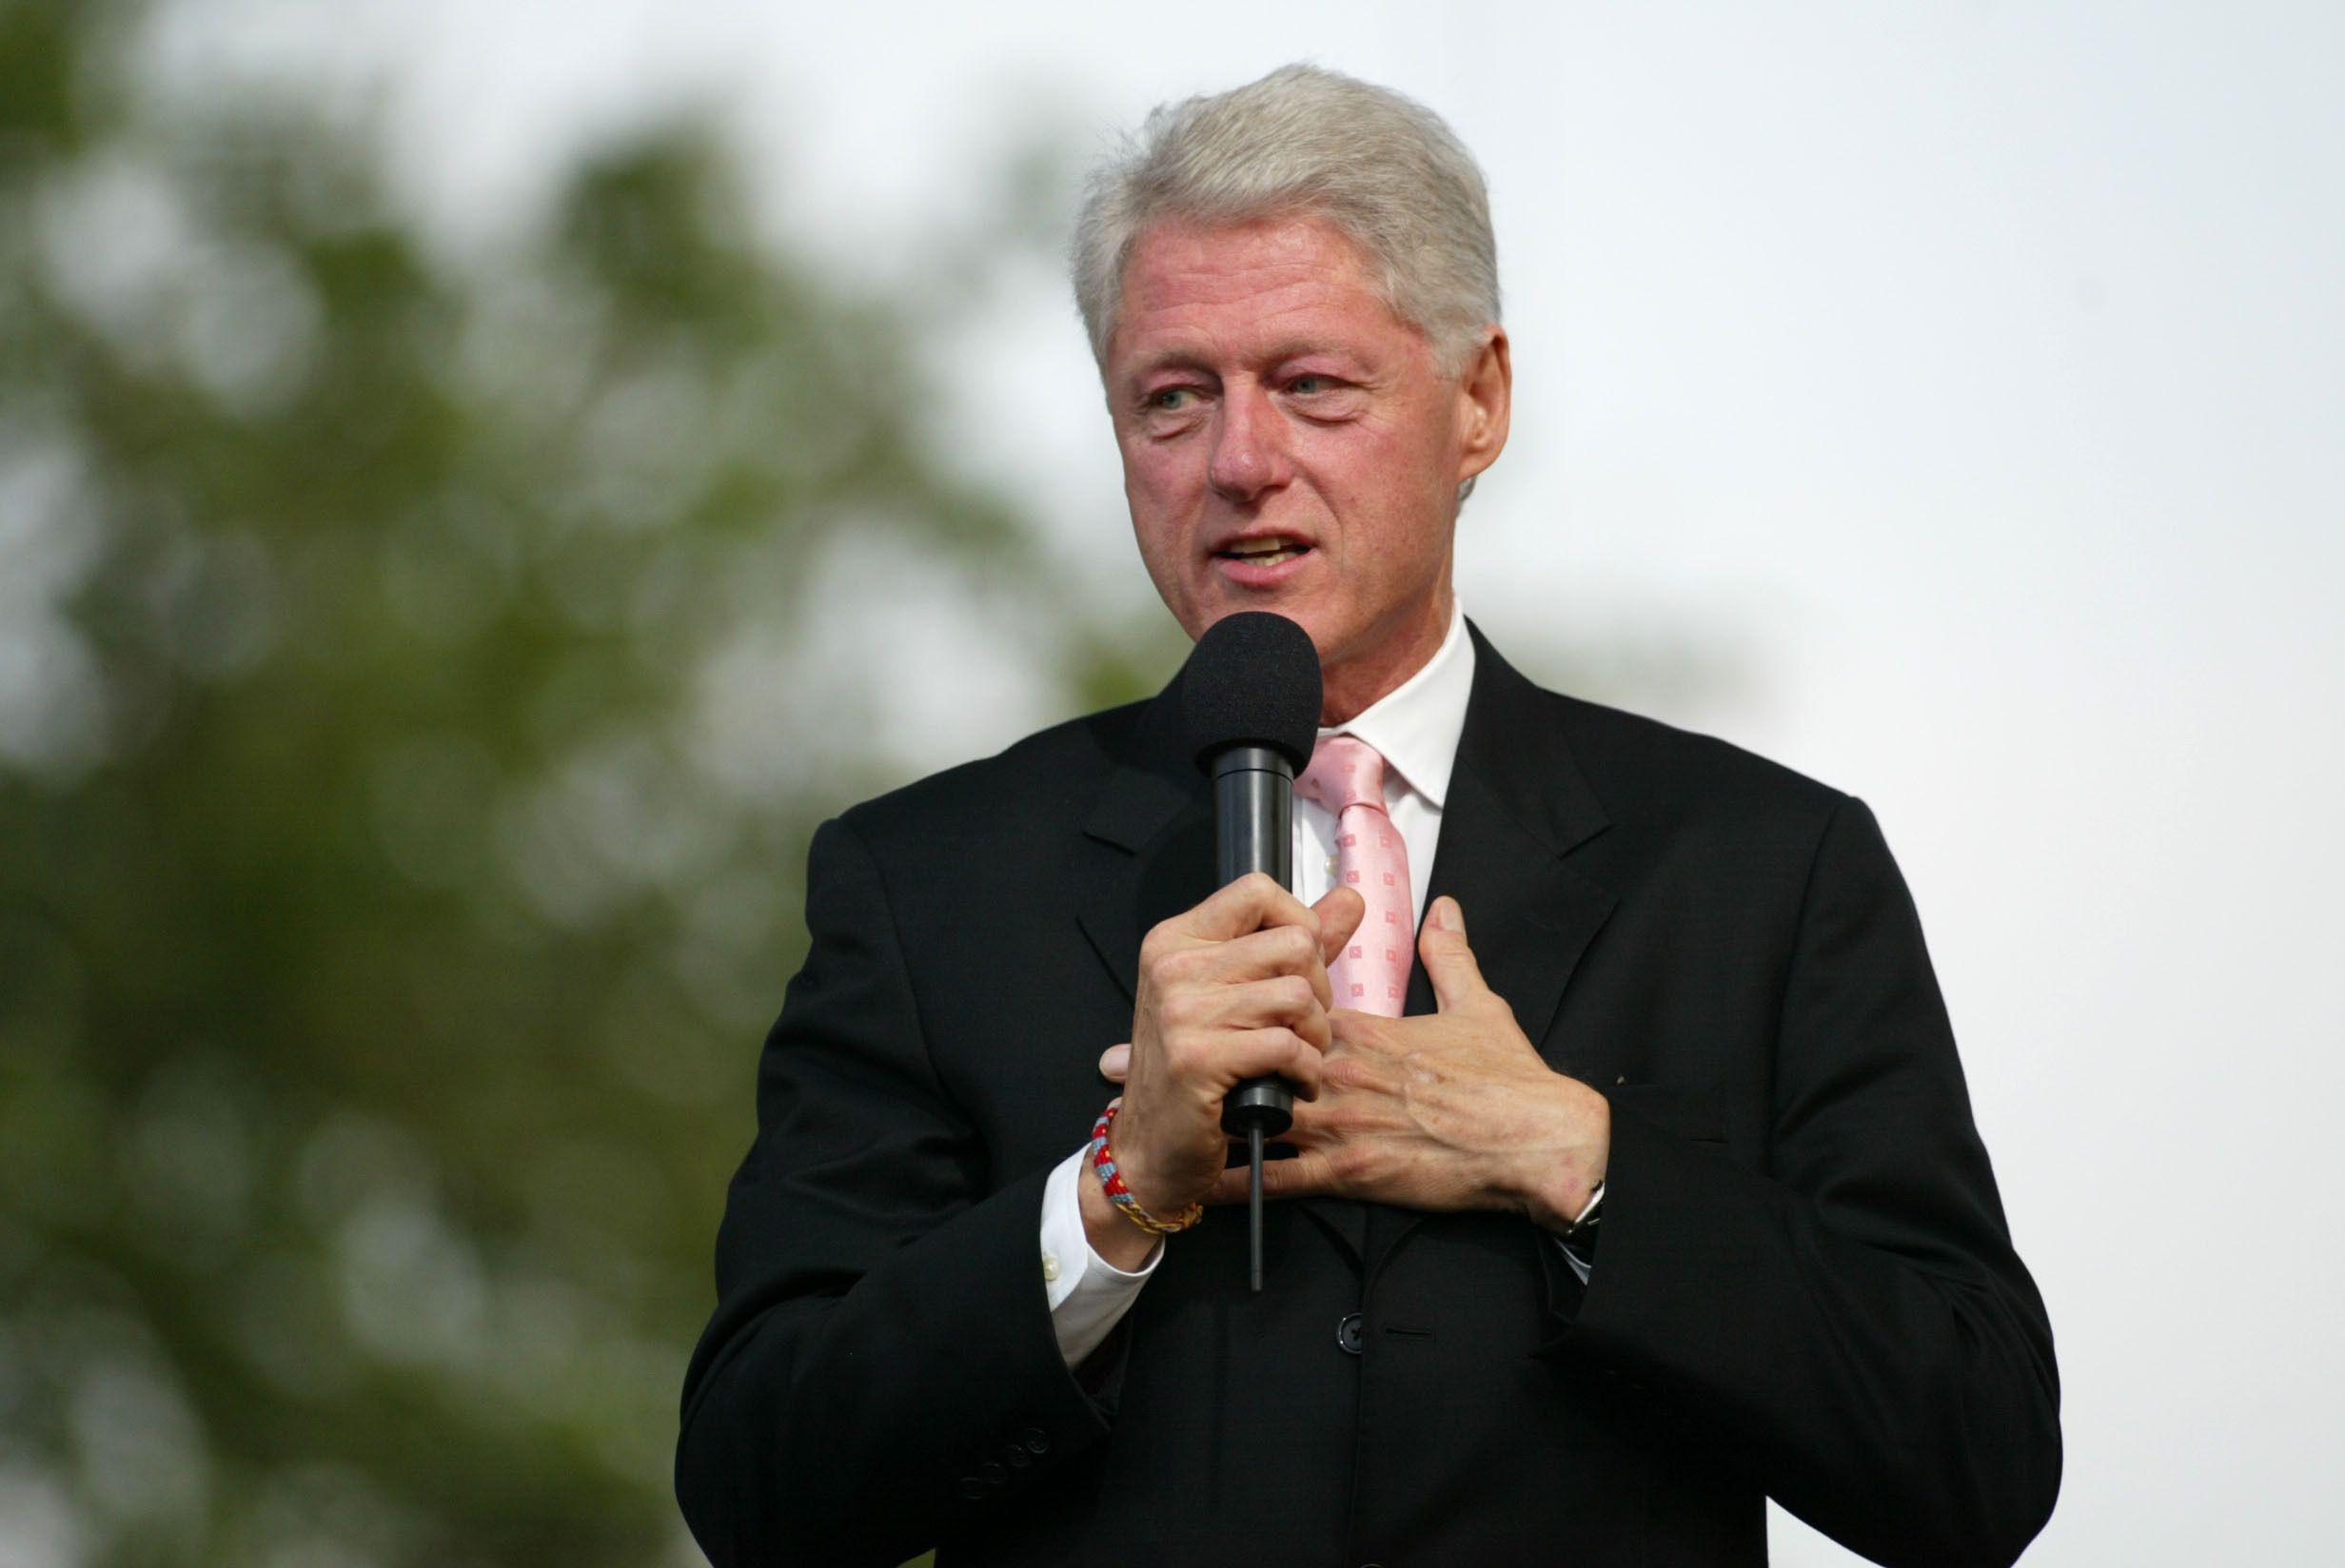 13. Bill Clinton